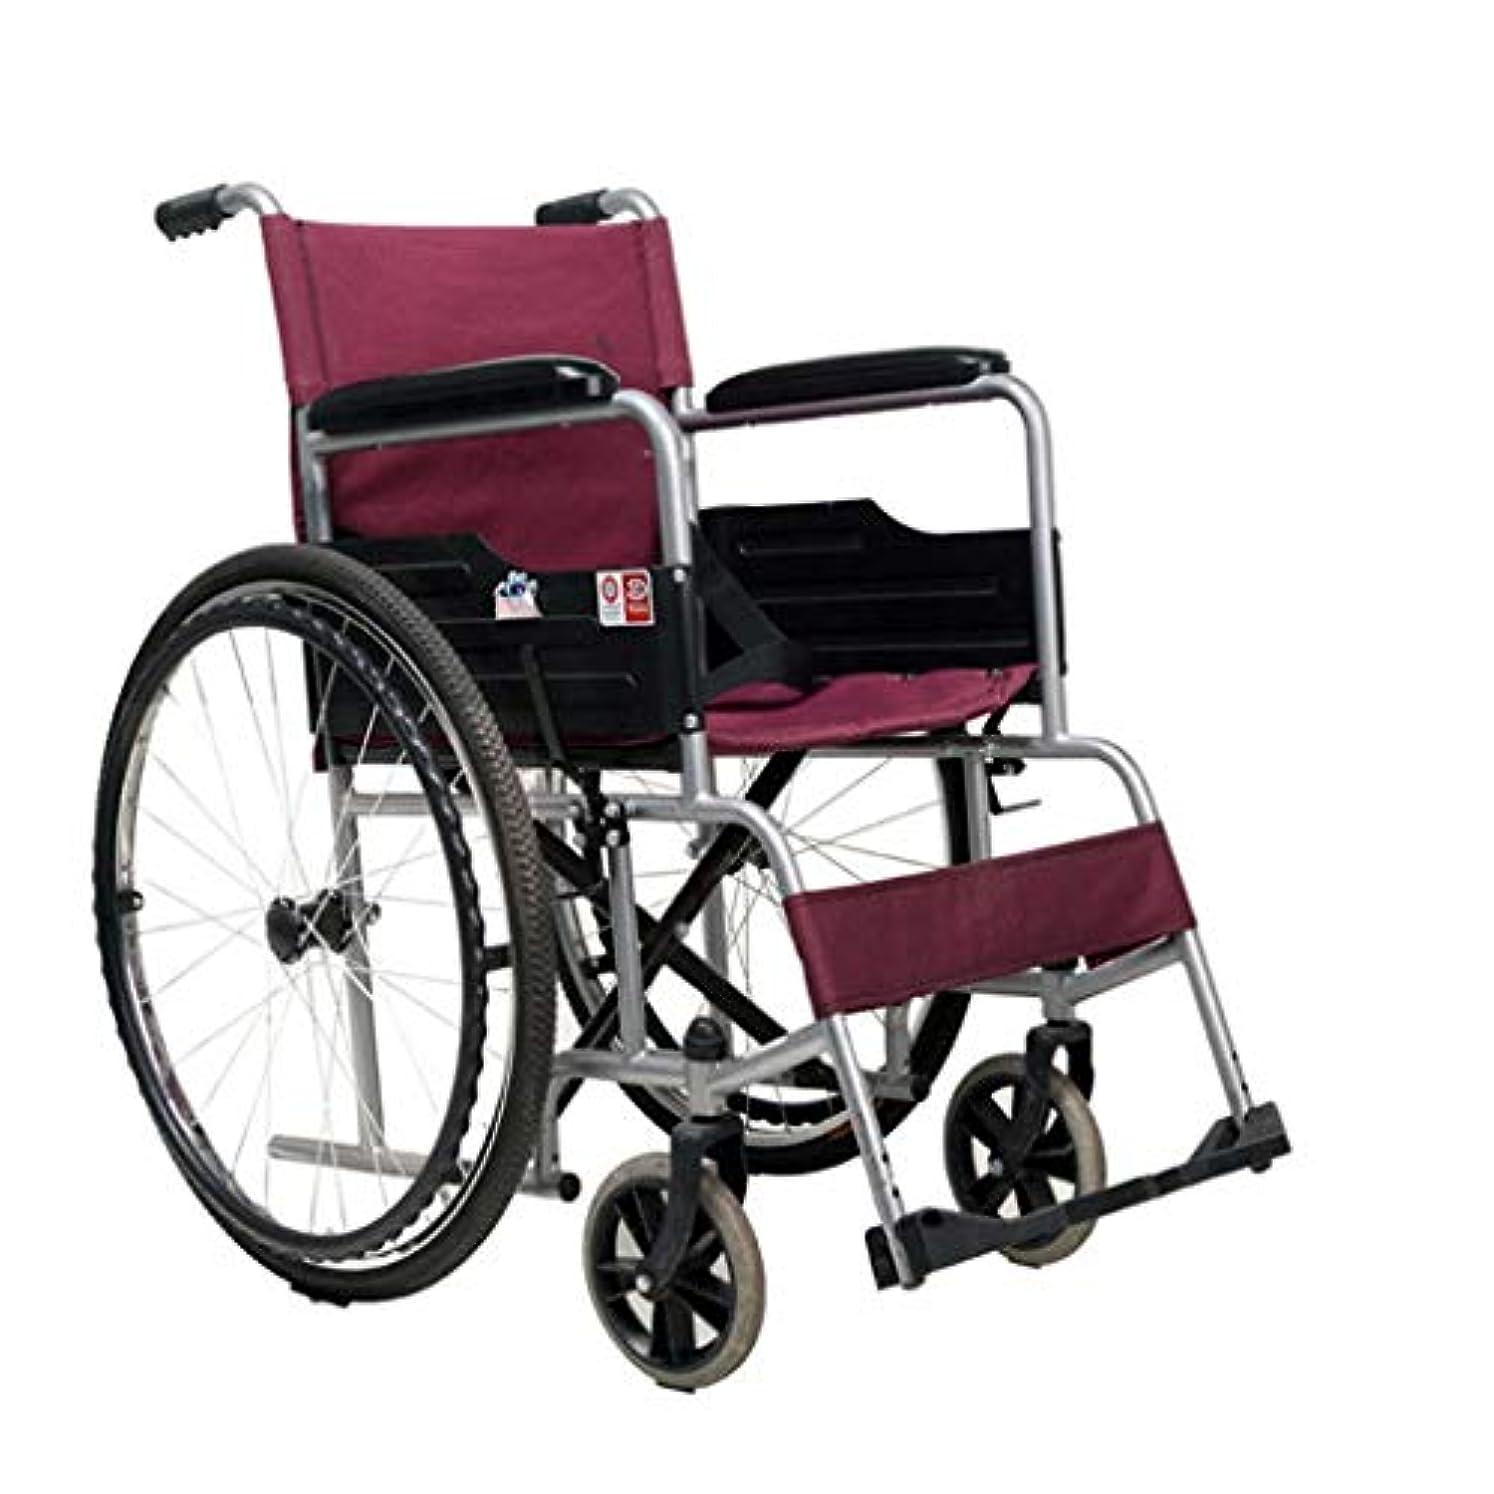 楕円形必要とする輪郭アルミ製車椅子、軽量折りたたみ式フレーム、客室乗務員用車椅子、携帯用輸送椅子、空気入りタイヤ